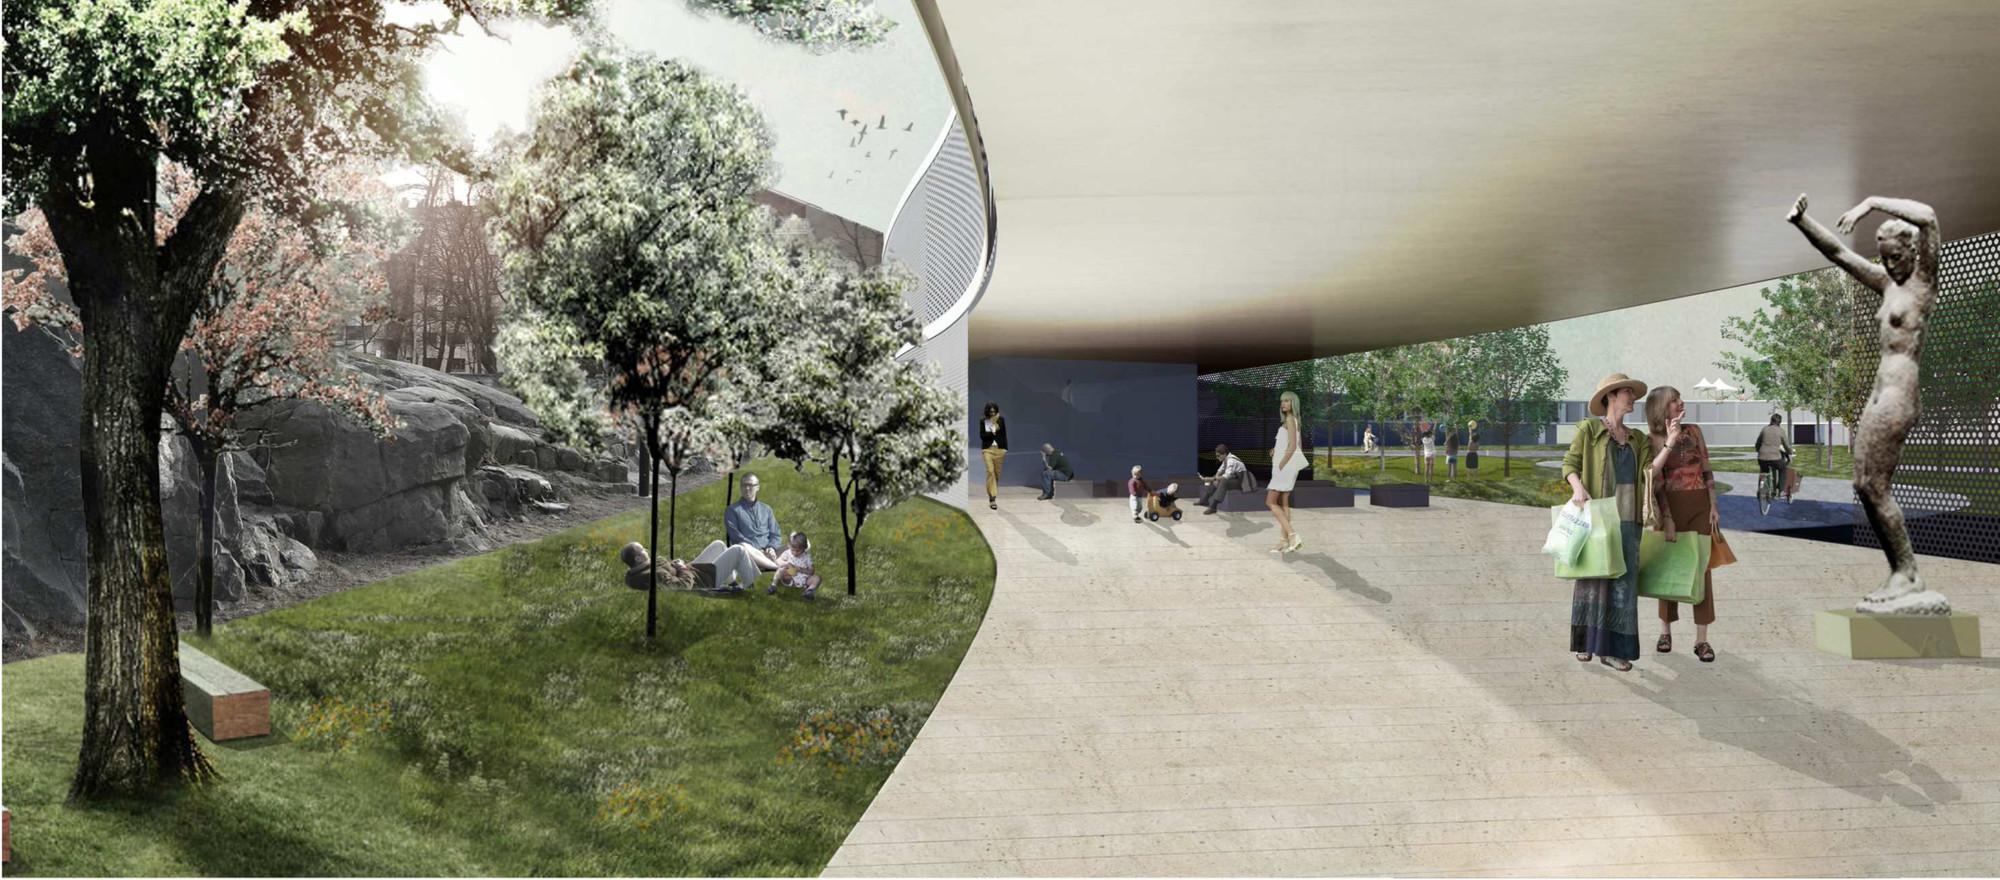 Ganador EUROPAN12: La Ciudad Adaptable. Inserción de Ritmos Urbanos, Imagen 01. Image Courtesy of Sensorial Hug